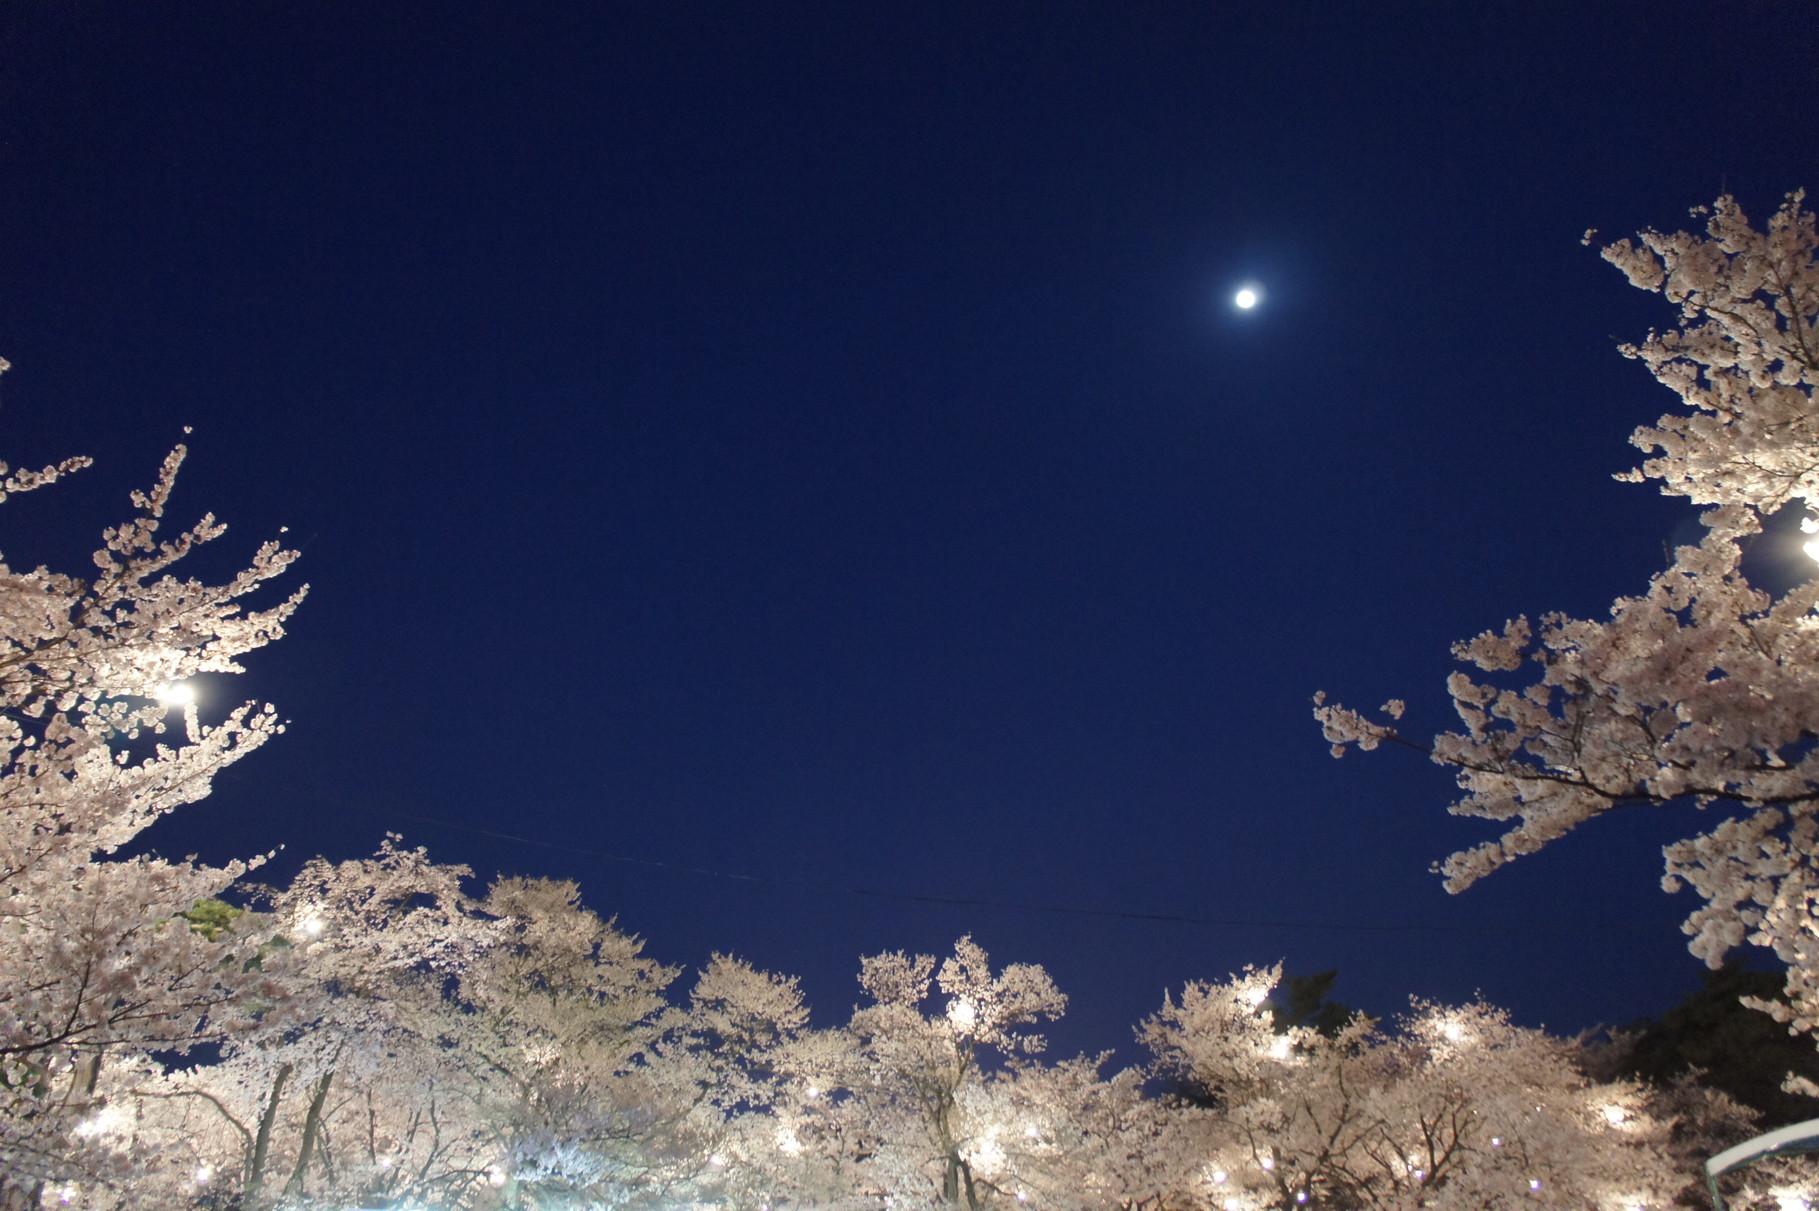 ぼんぼりと月の明かりがやさしく桜を包みます